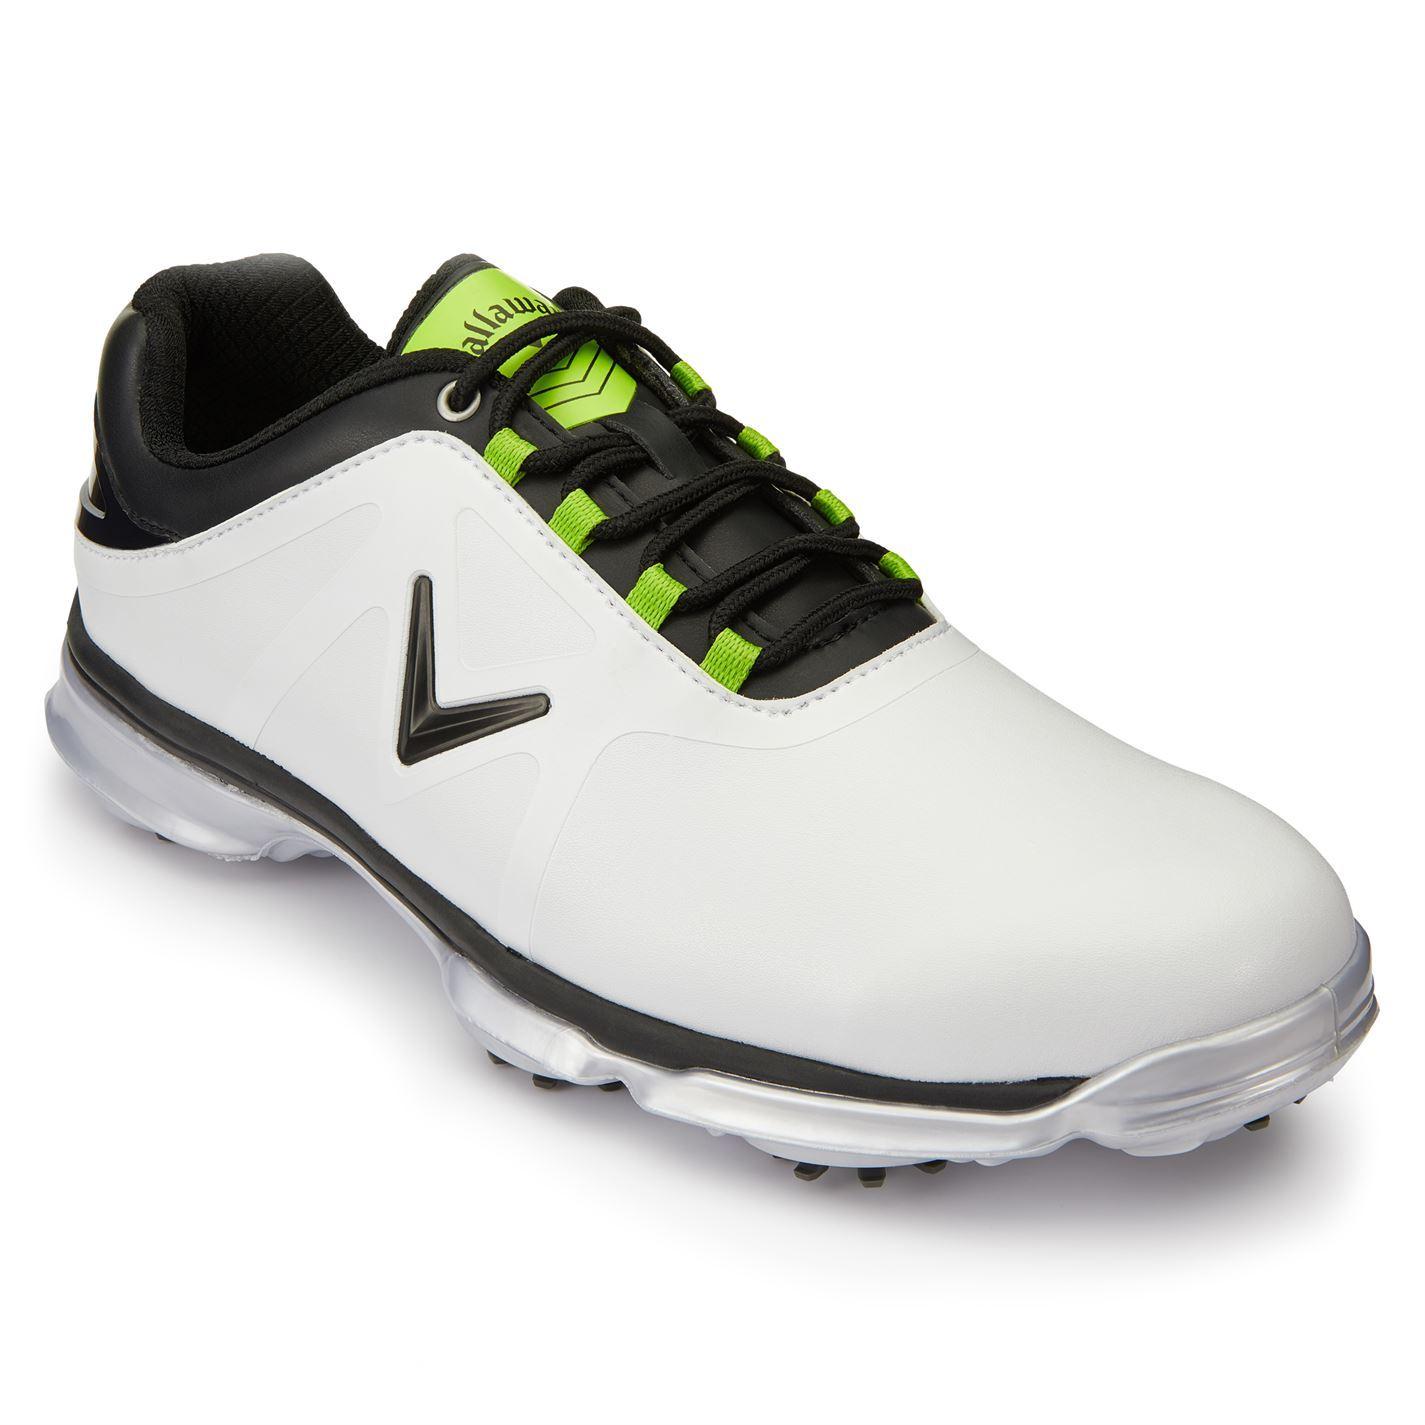 Callaway-XTT-Comfort-Spiked-Golf-Shoes-Mens-Spikes-Footwear thumbnail 12